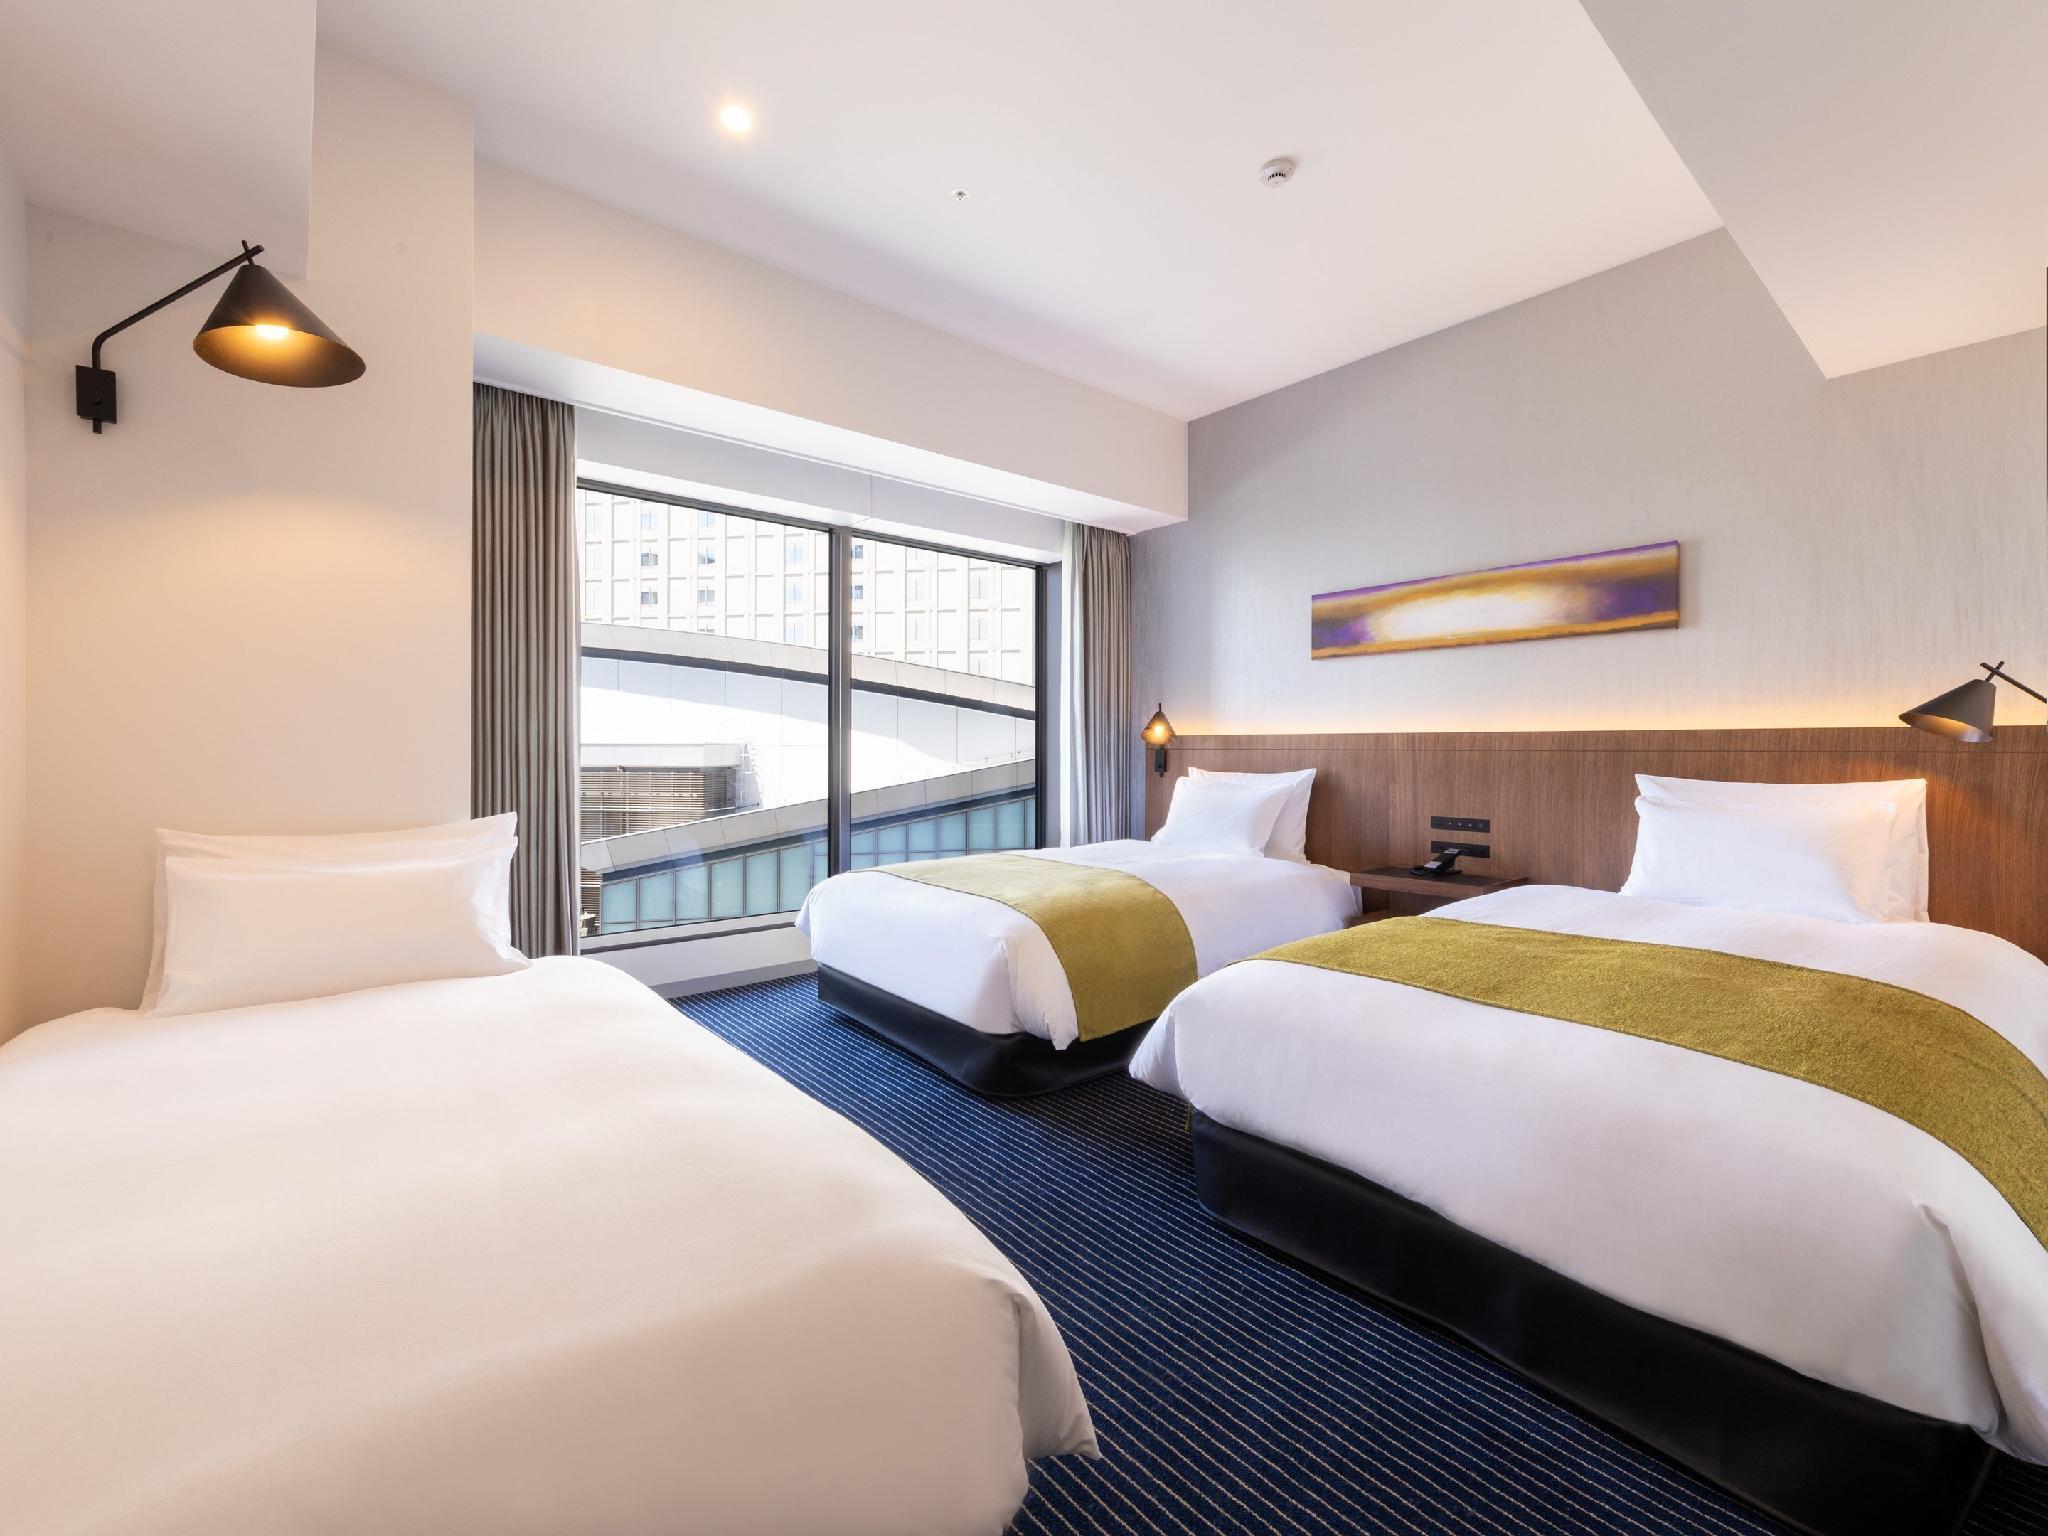 川崎 ホテル メトロポリタン